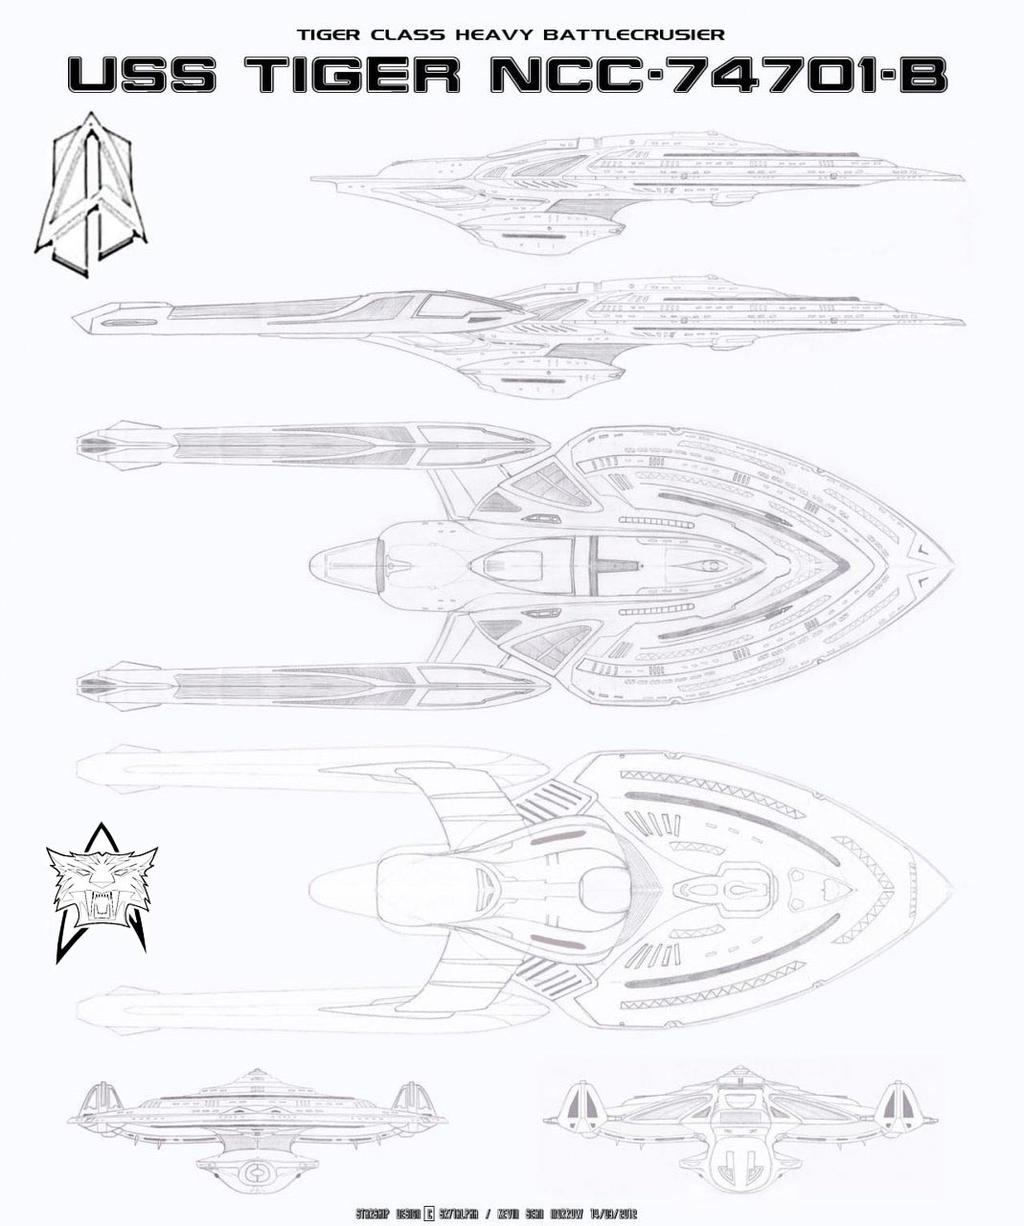 USS TIGER NCC-74701-B